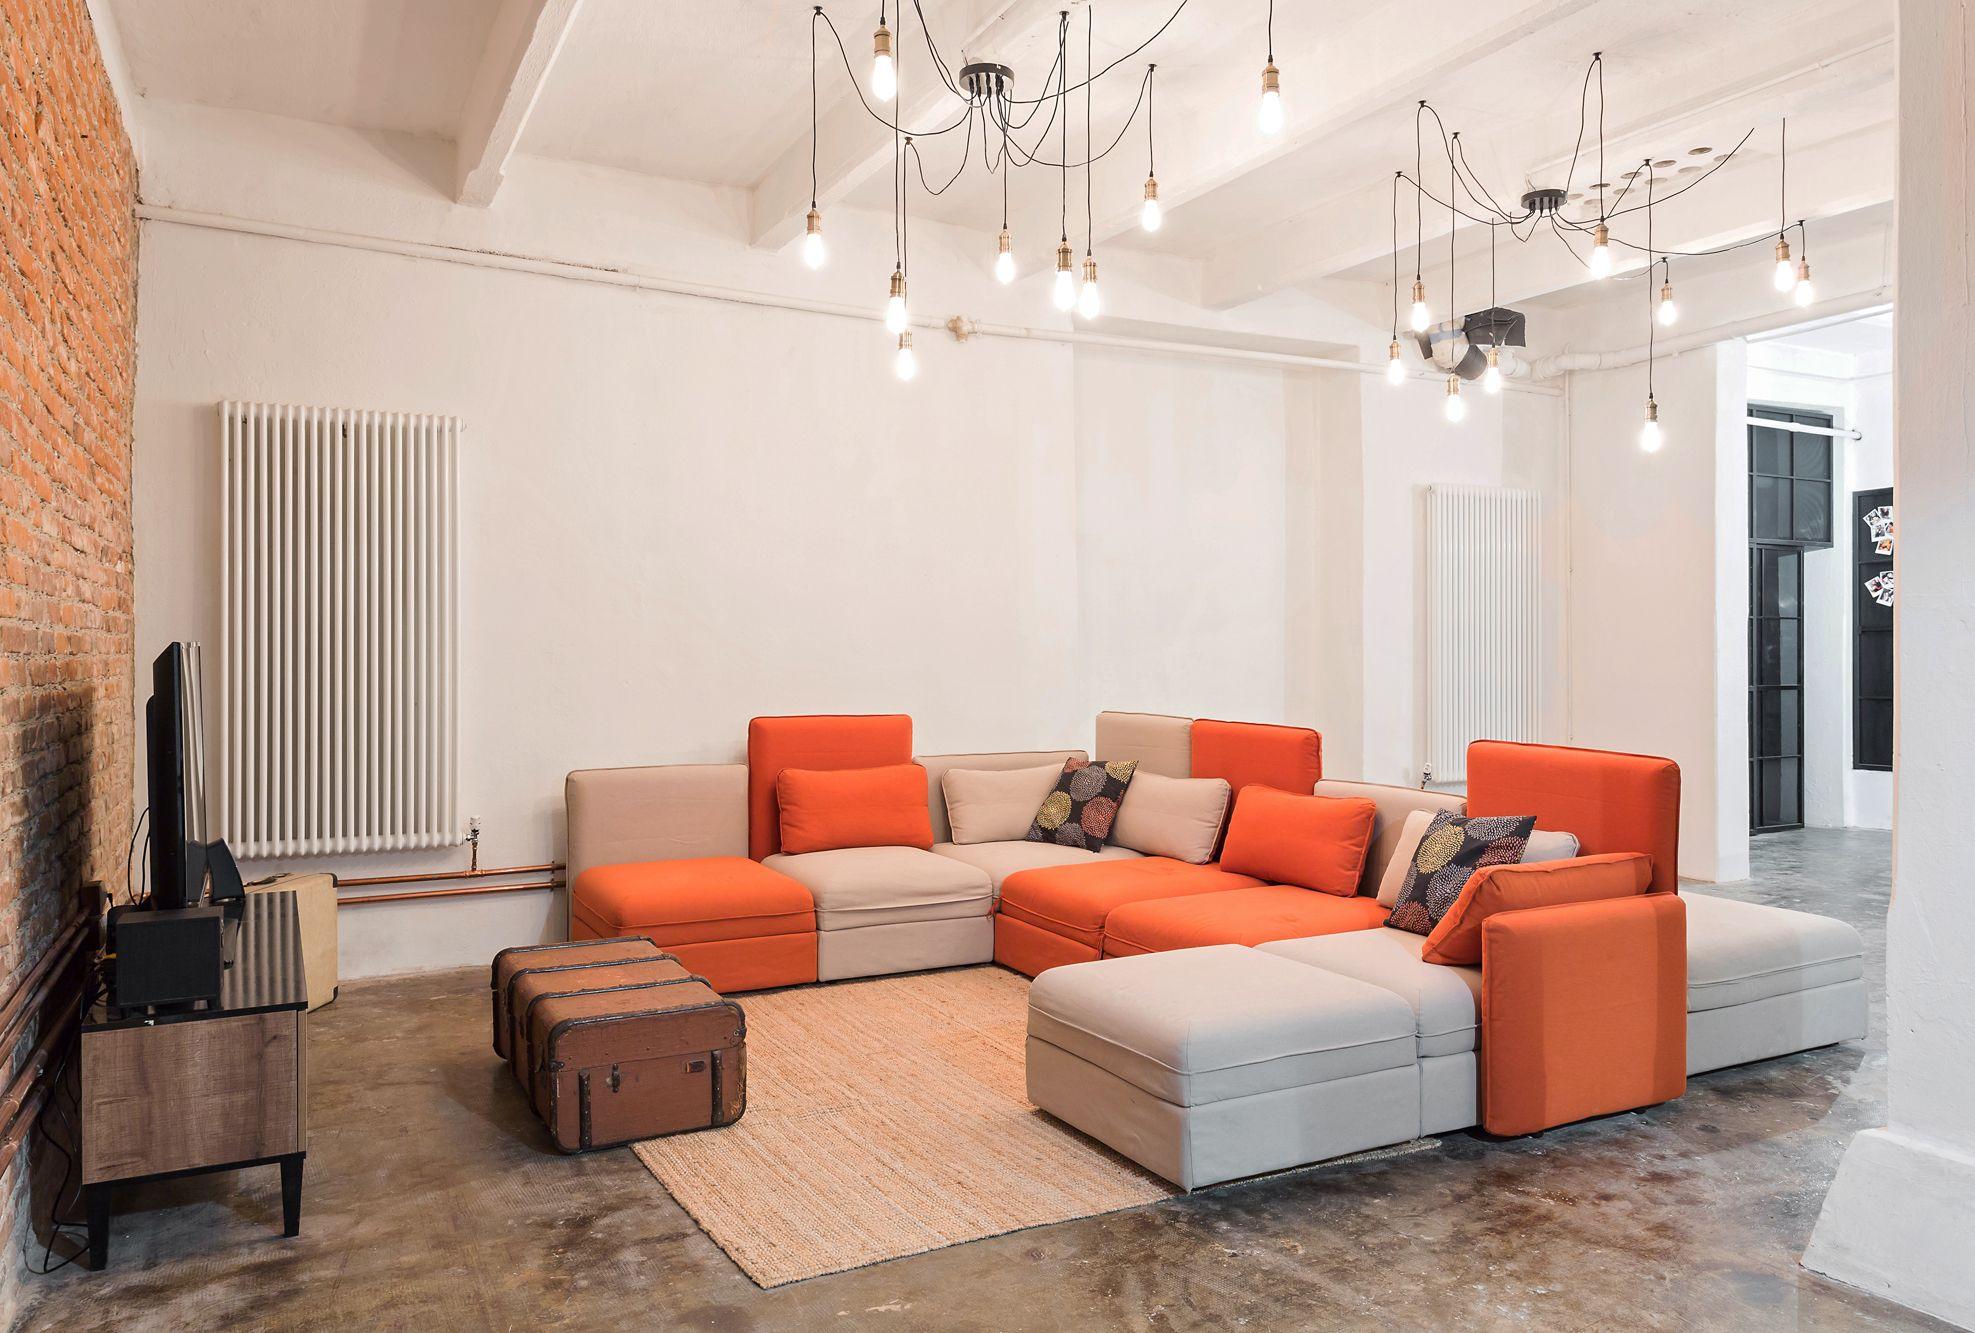 Il divano componibile vallentuna di ikea project nomade architettura e interior design photo - Ikea divano componibile ...